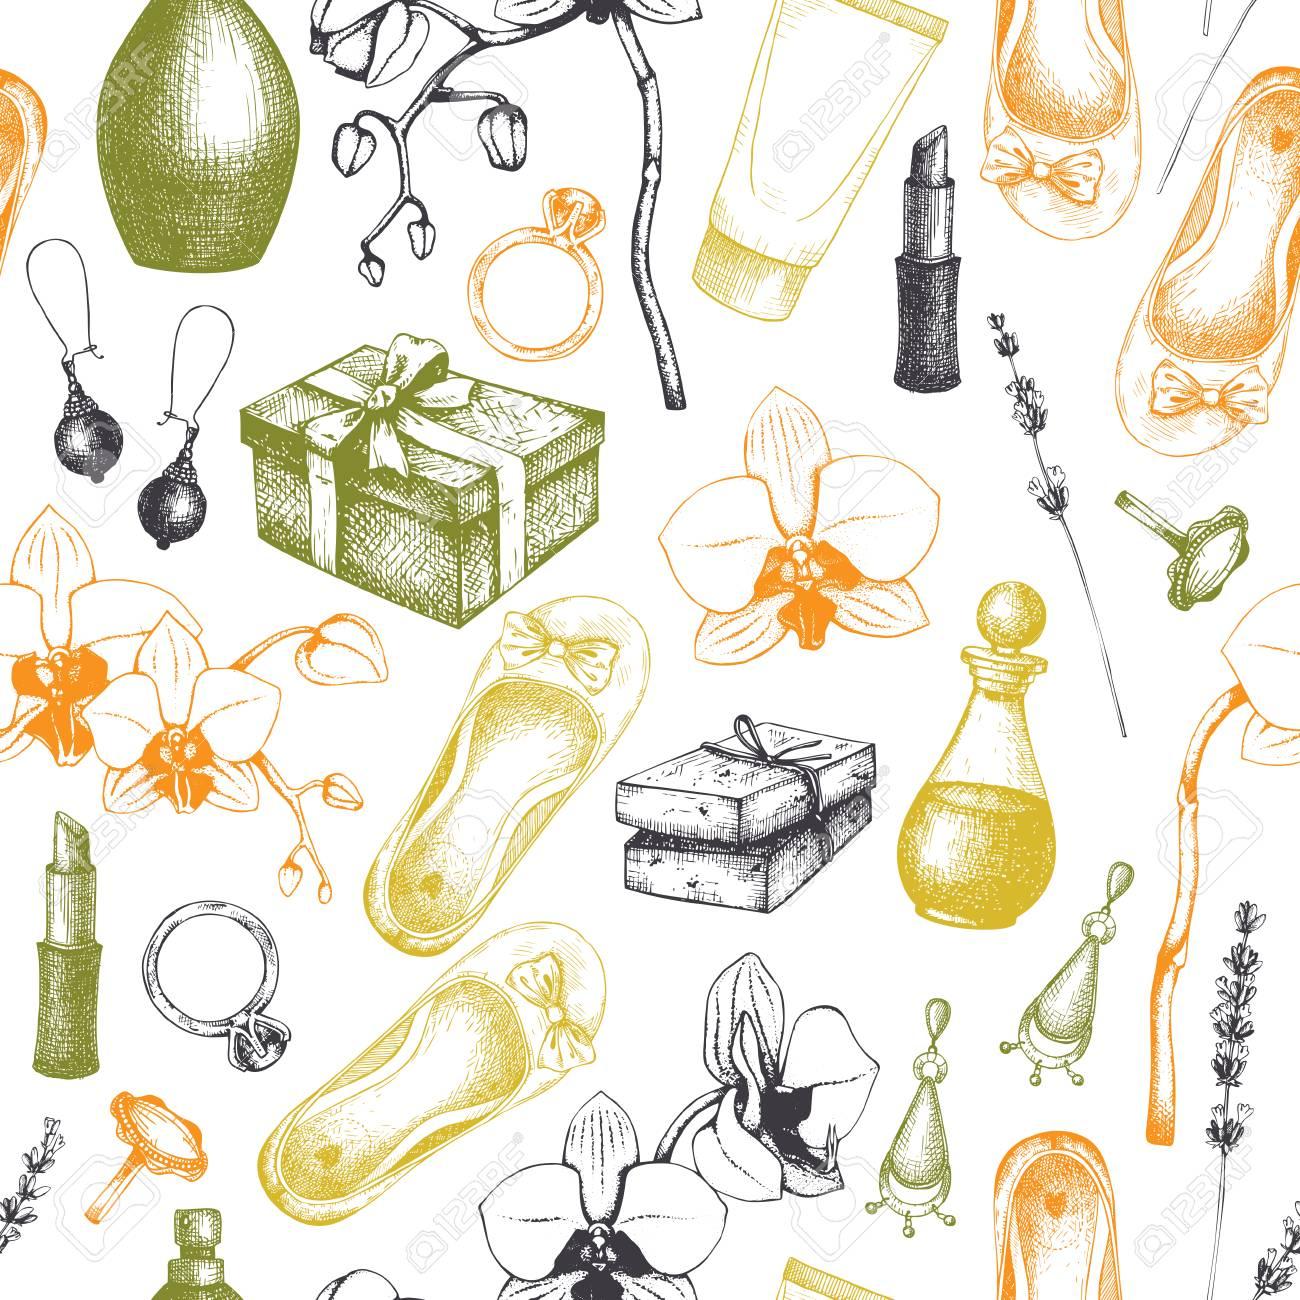 Sin Patrón Con Spa Dibujado A Mano Y Belleza De La Belleza Tarjeta De Felicitación O Diseño De La Invitación Productos Y Productos Aromáticos